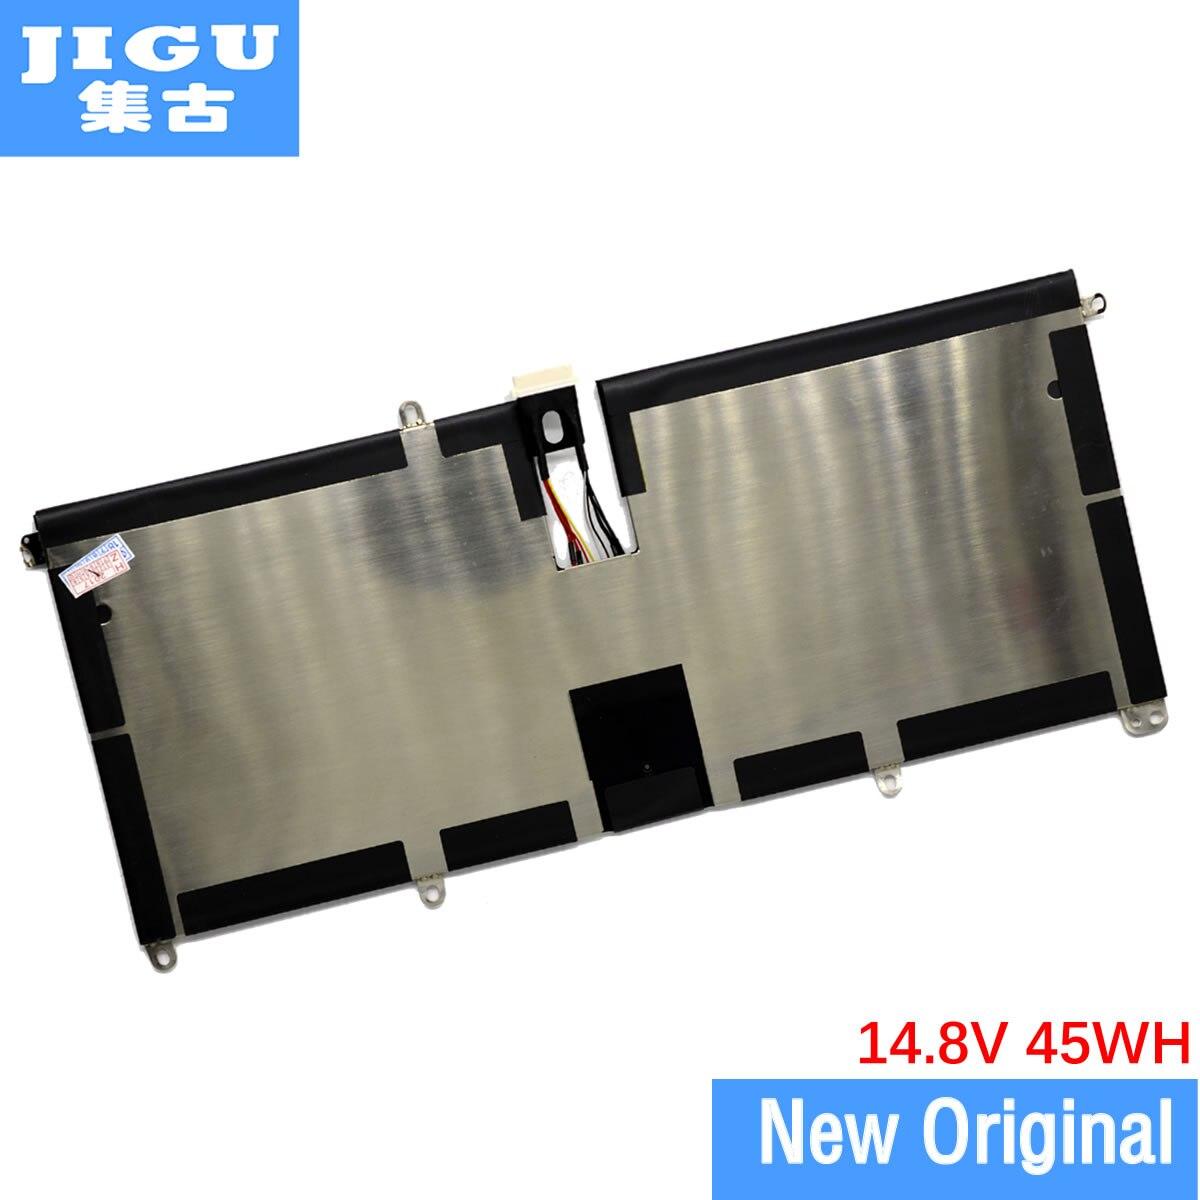 JIGU HD04XL Original laptop Battery For HP Envy XT 13-2000eg 13-2021tu 13-2113TU 13-2120tu 13-ef2003 13-b000 hp fdu32gbhpv285w ef